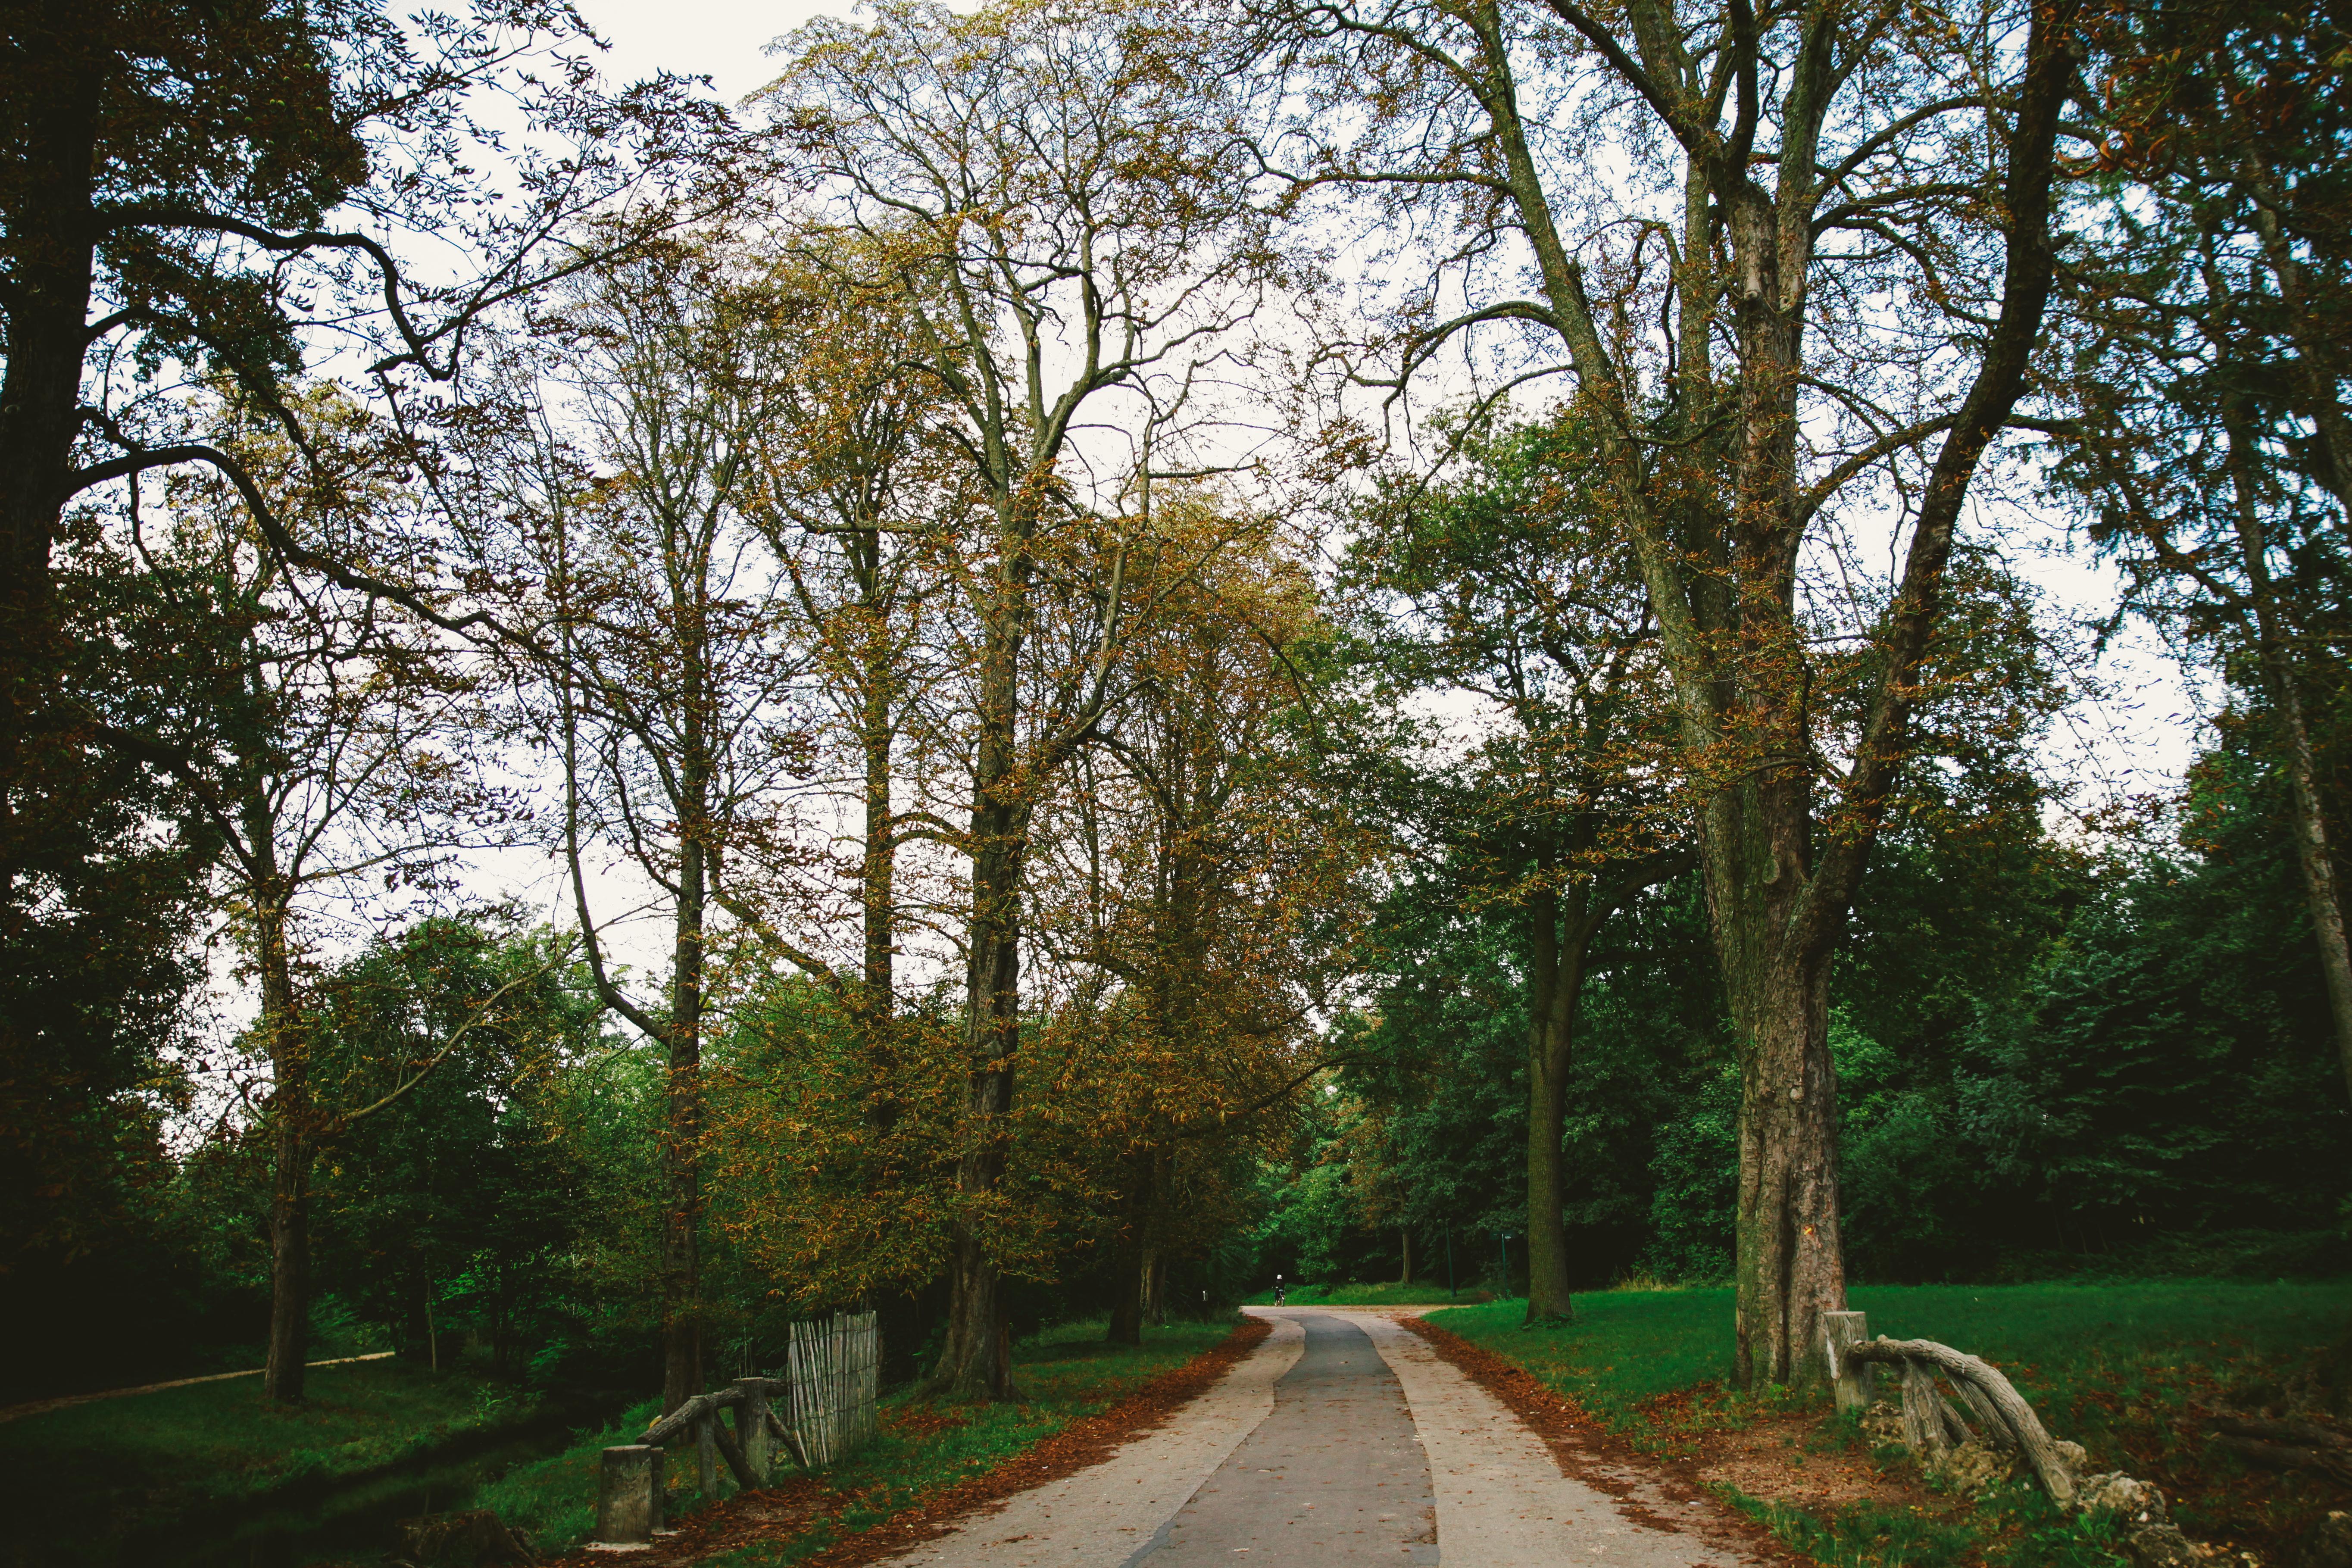 69446壁紙のダウンロード自然, 公園, 道, パス, 秋, 木, パリ-スクリーンセーバーと写真を無料で